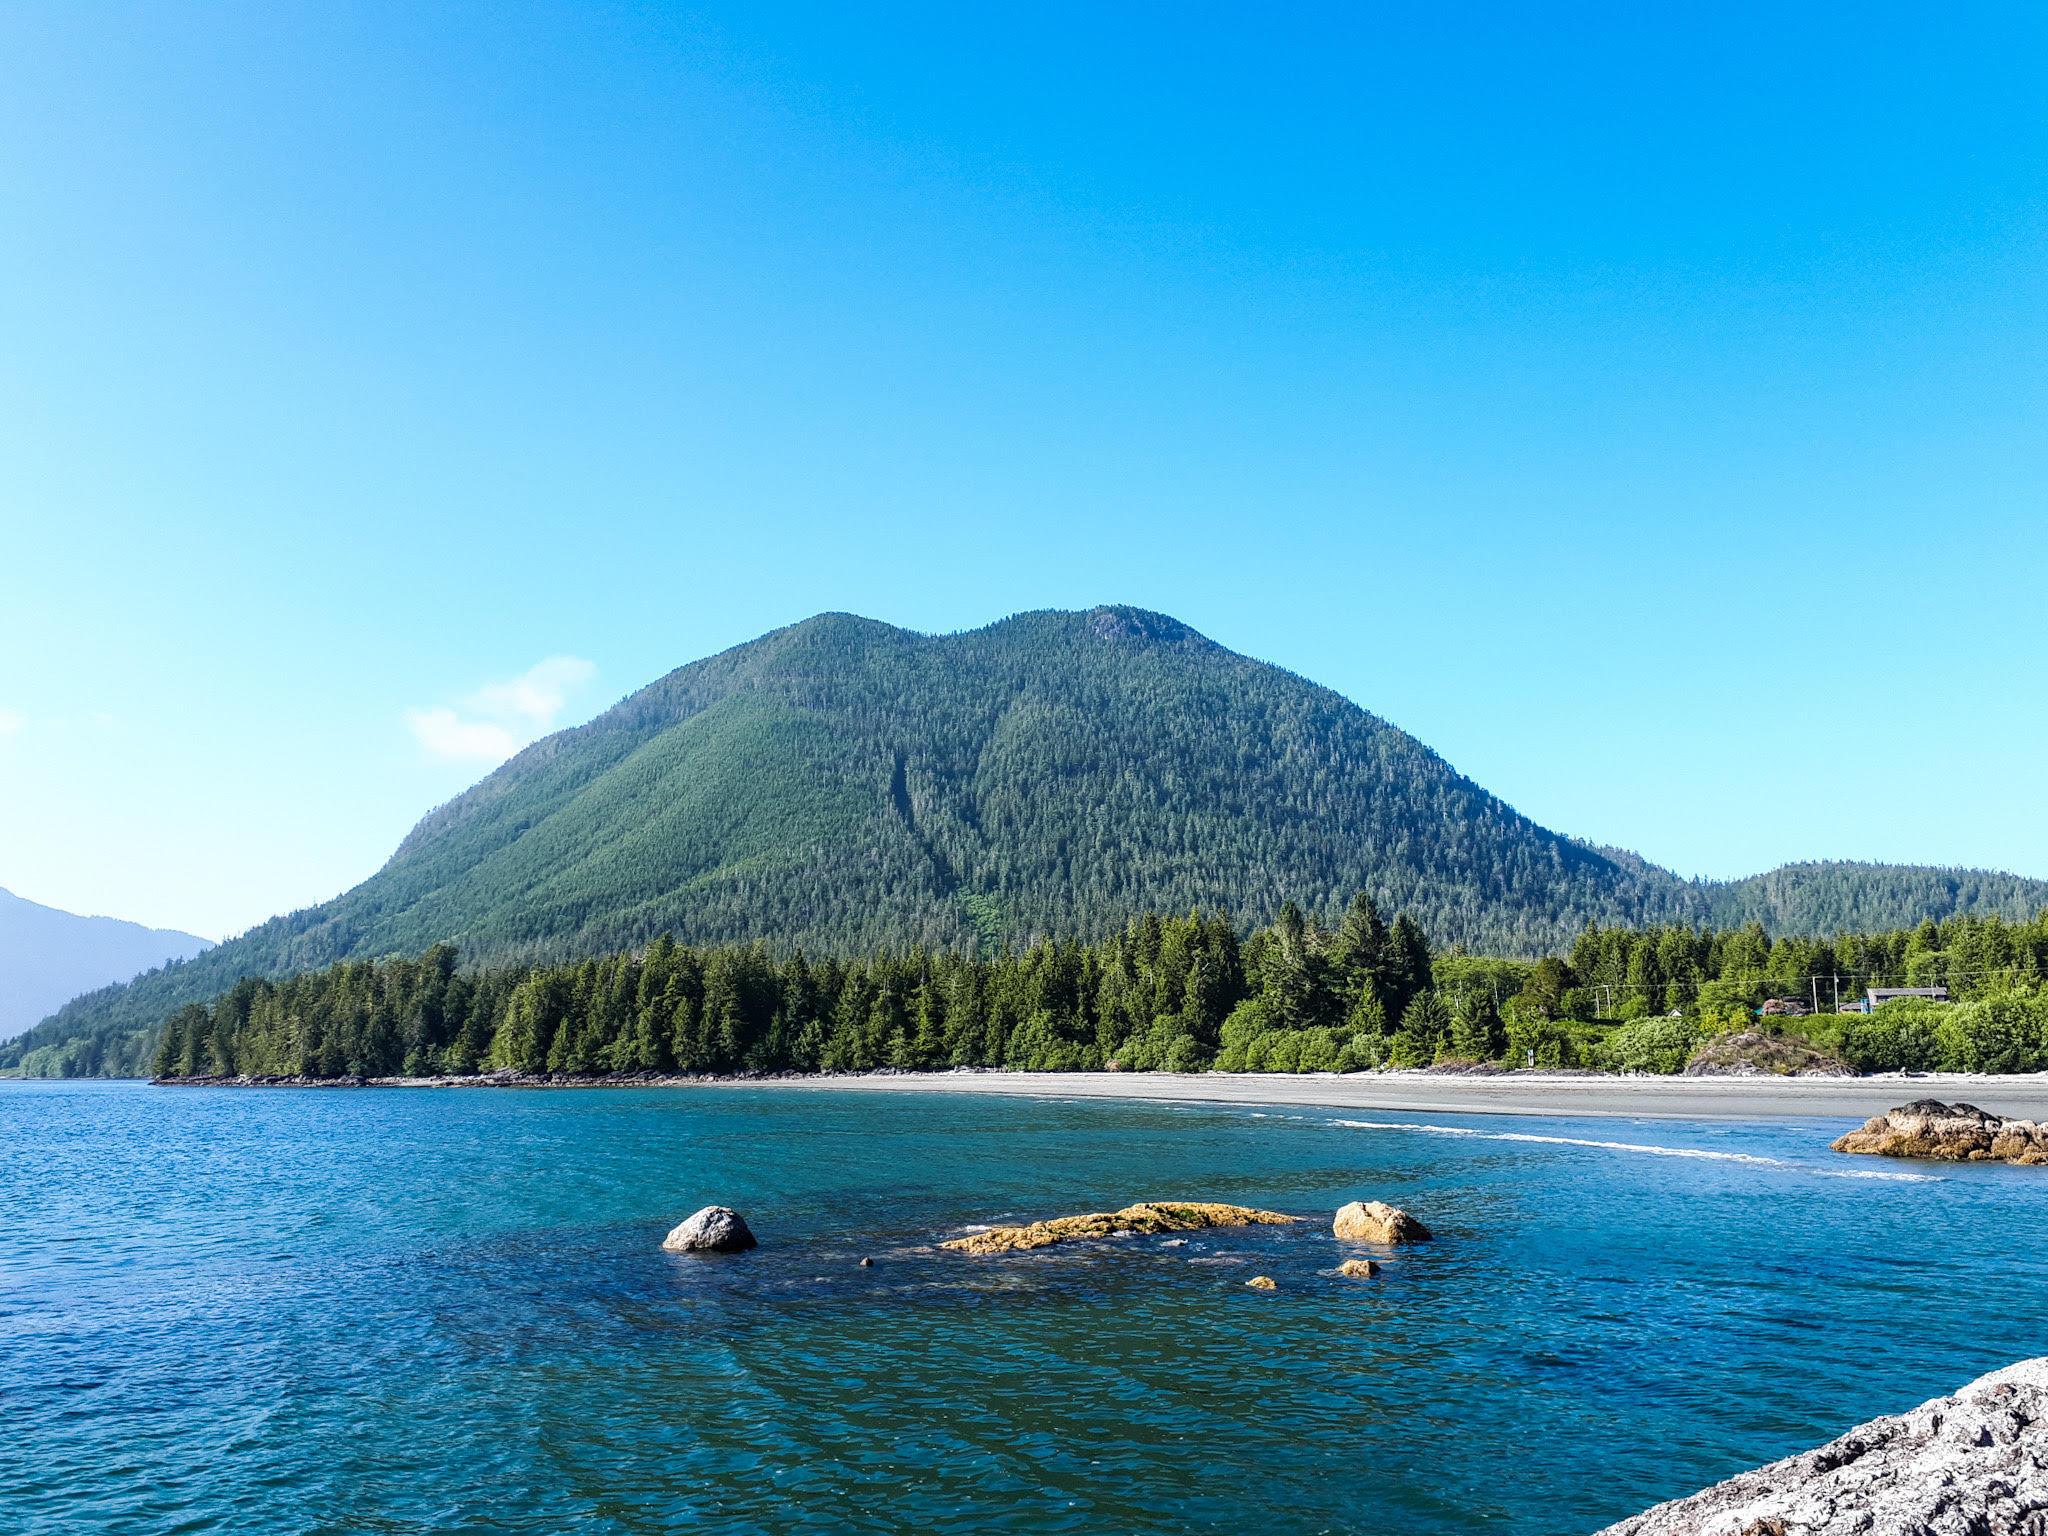 ostrov Lone Cone Island u Tofina, Vancouver